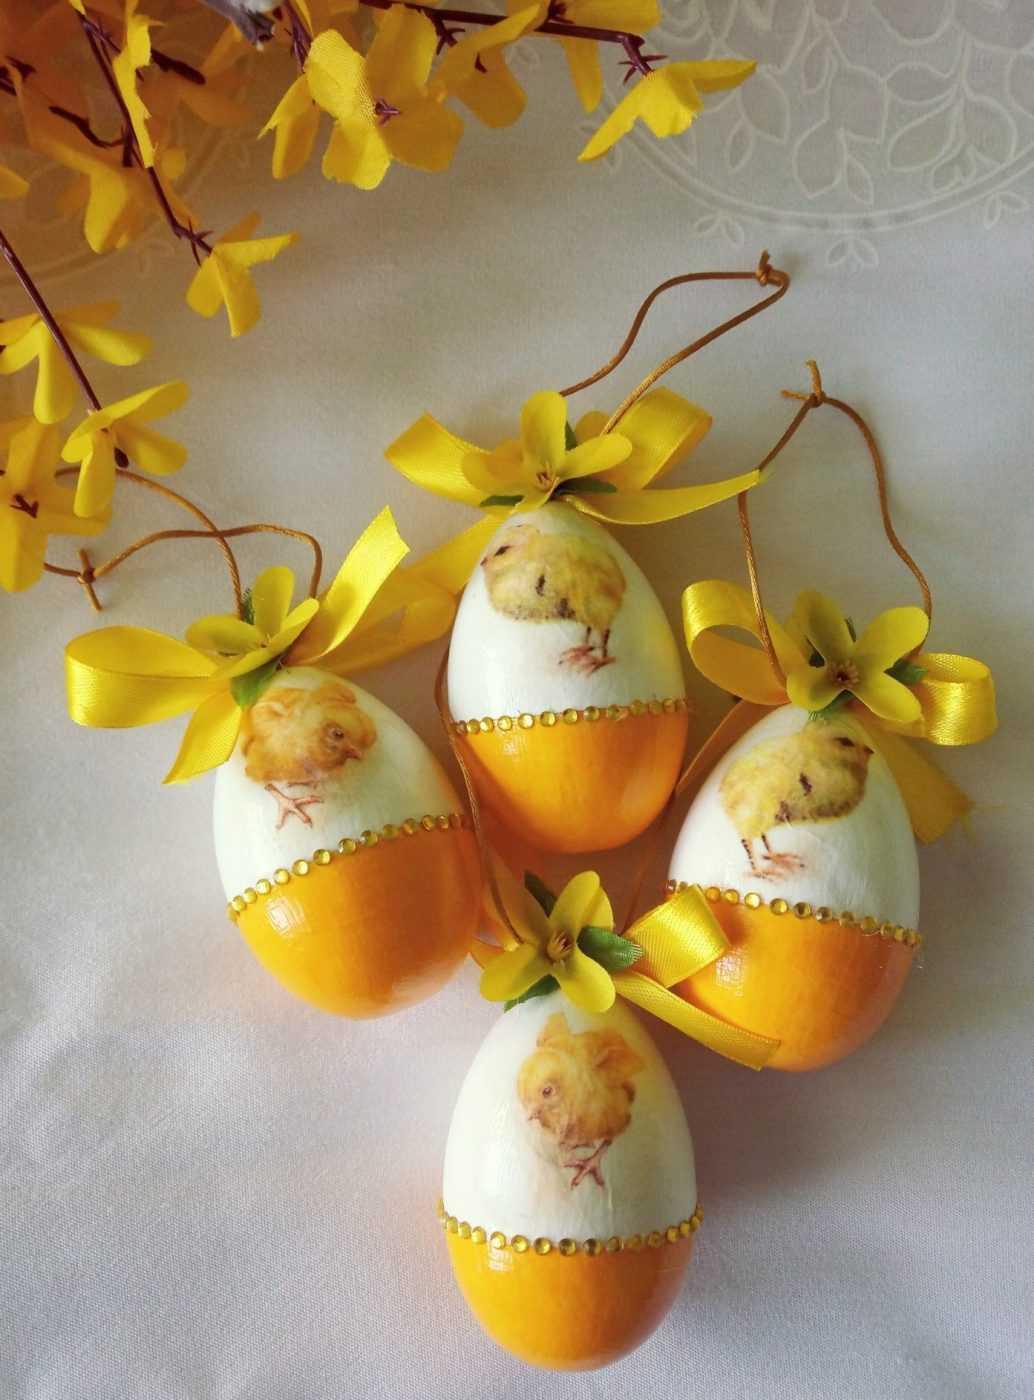 Поделки из киндер яиц: 130 фото, схемы и мастер-класс изготовления детских поделок